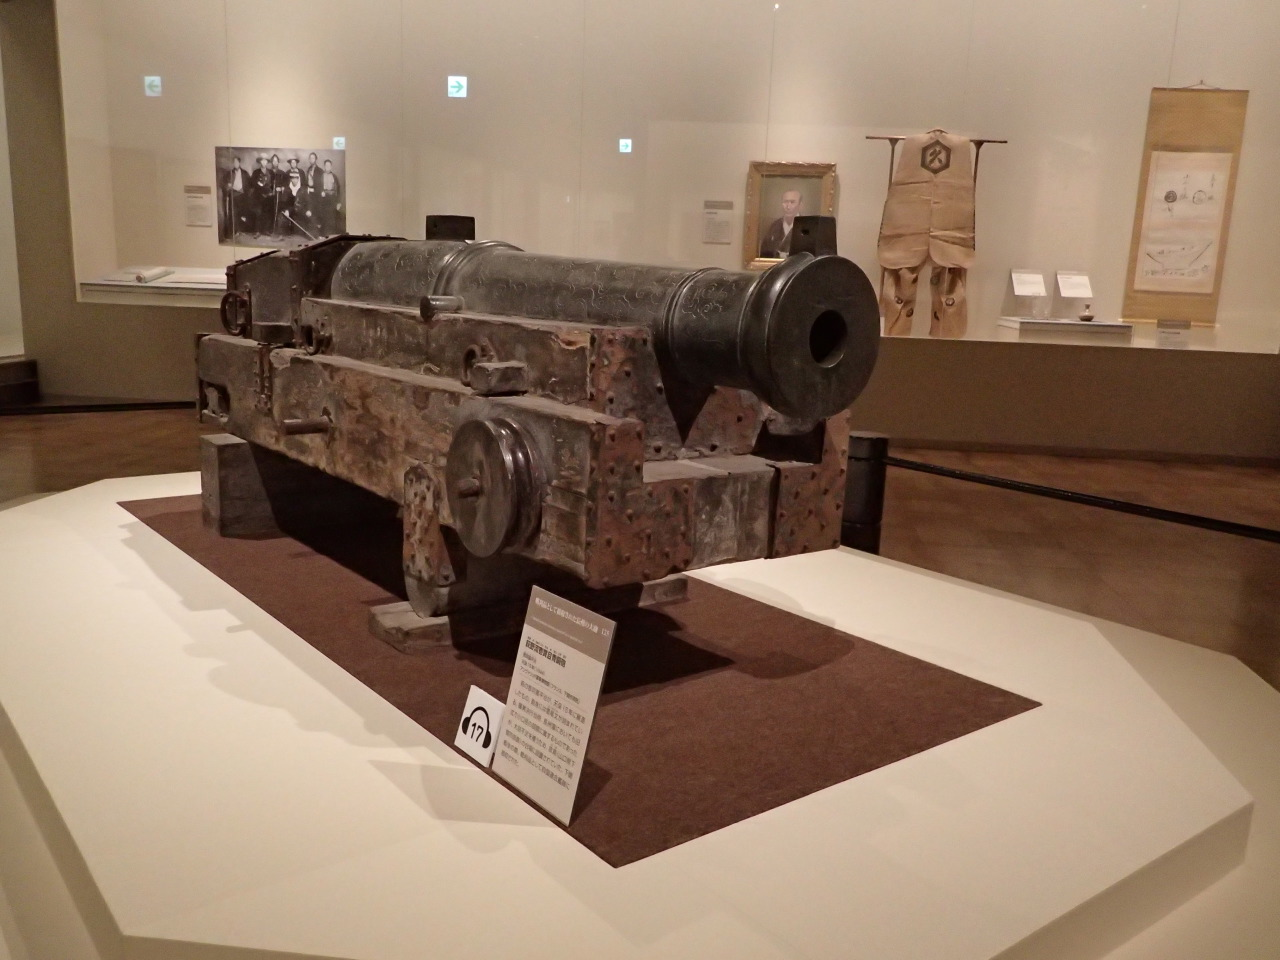 四国連合艦隊に戦利品として接収された大砲。1844(天保15)年の造。後ろの展示は奇兵隊写真、周布政之助肖像など